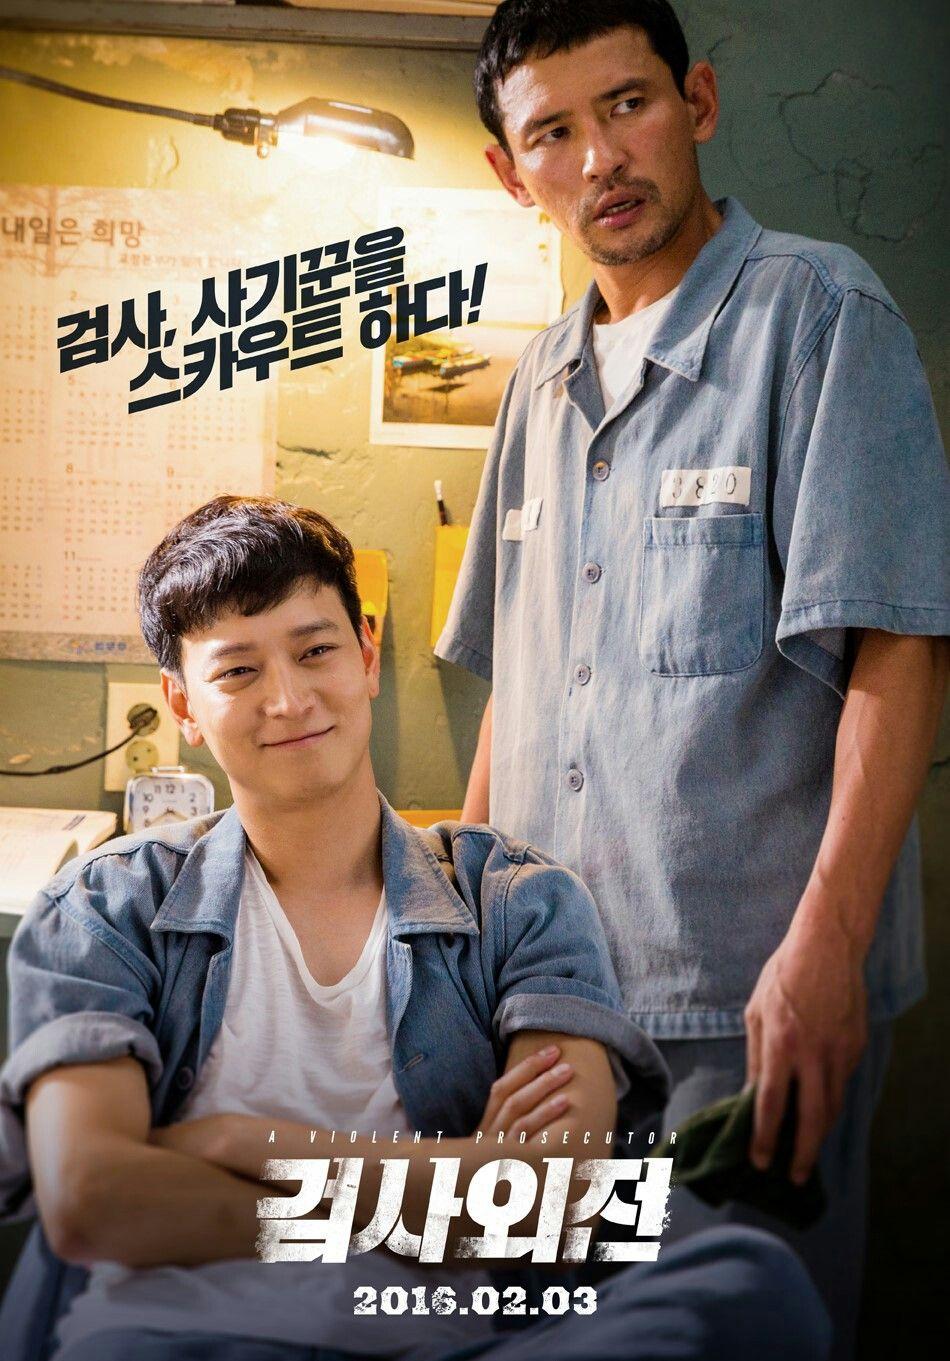 검사외전 movie korea 2019 영화 포스터, 영화 및 한국 드라마